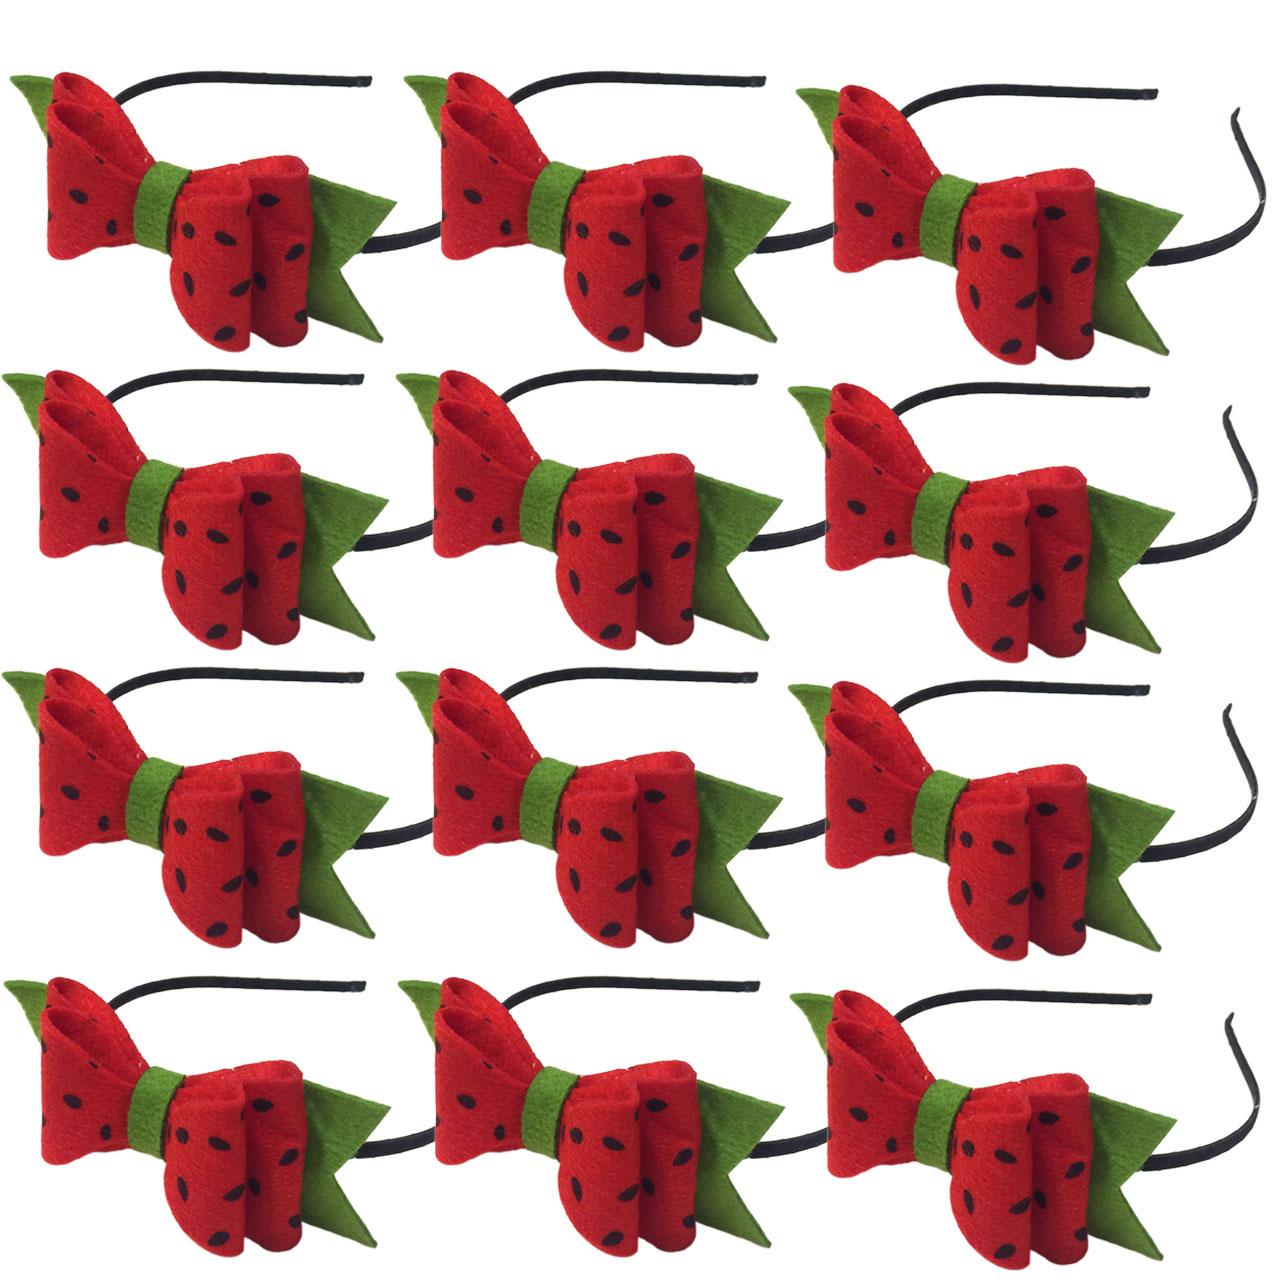 تل شب یلدا مدل Watermelon Yalda مجموعه 12عددی